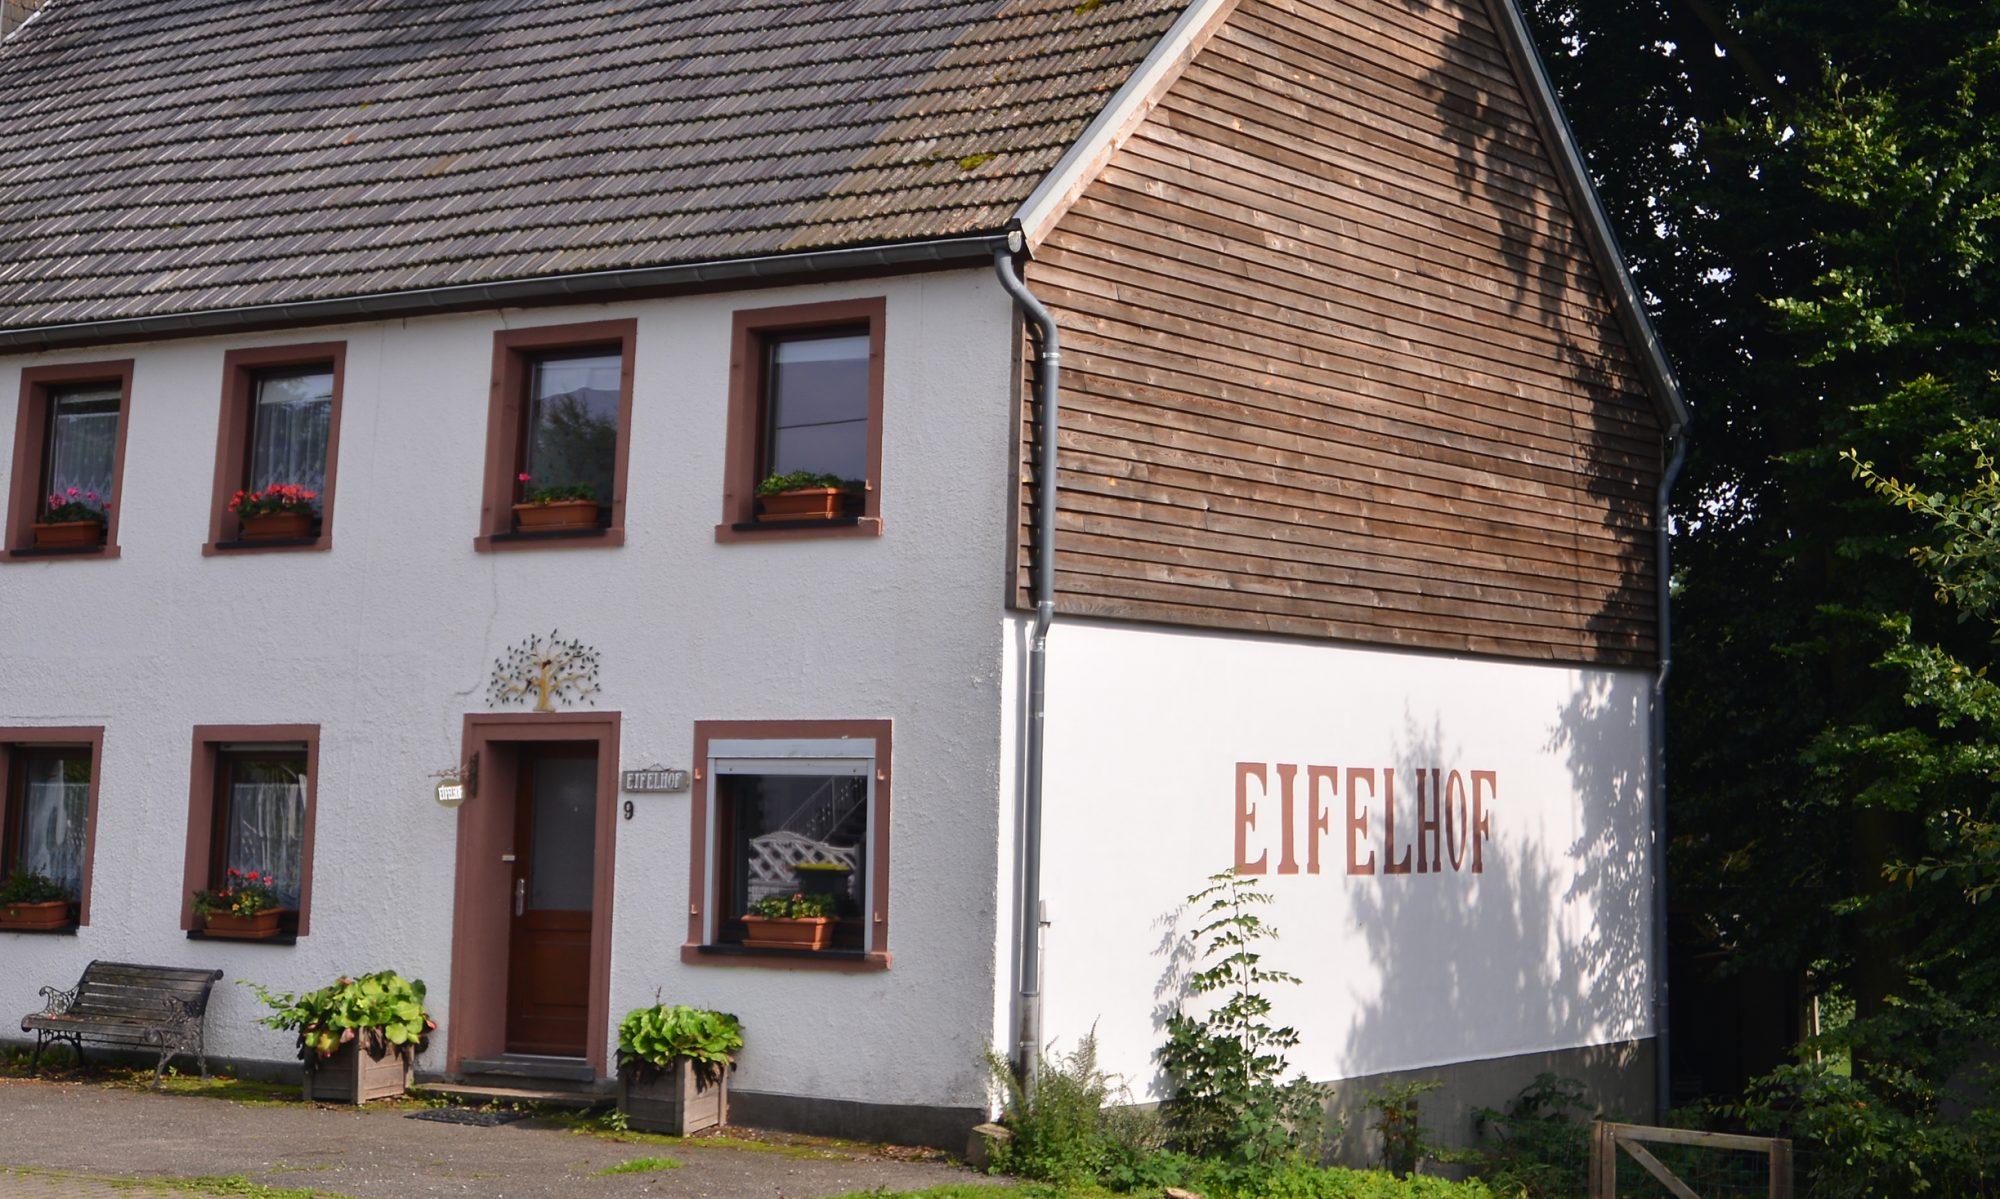 Vakantiehuis Eifelhof